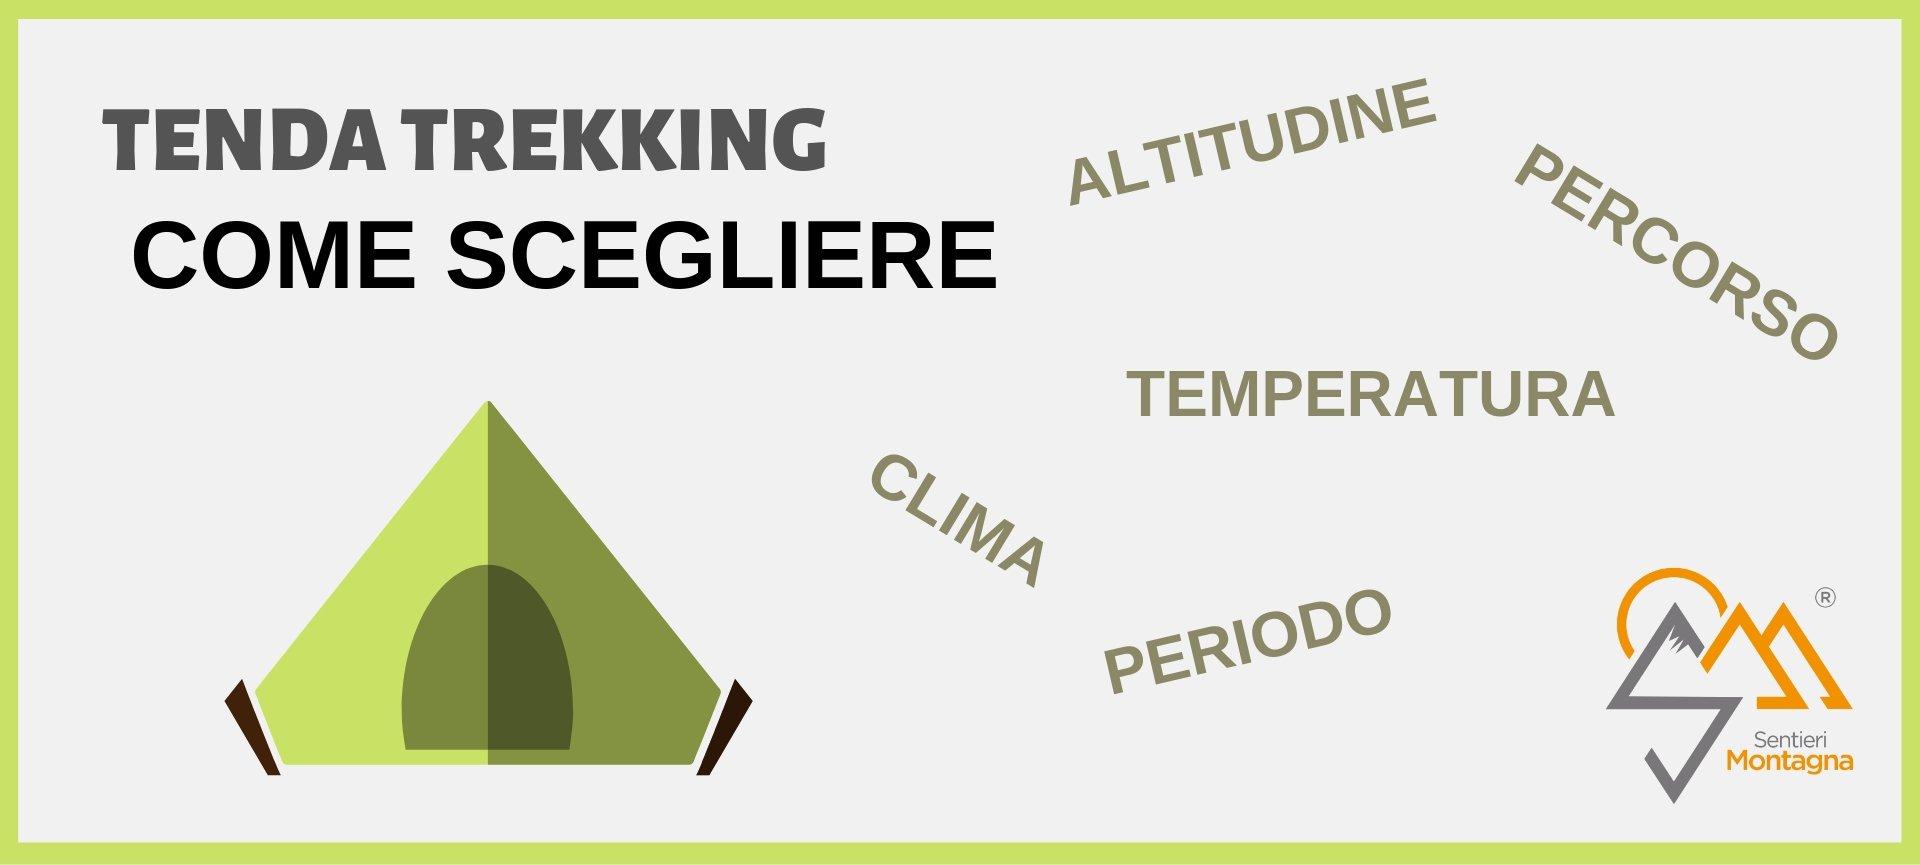 Tenda da Trekking come scegliere